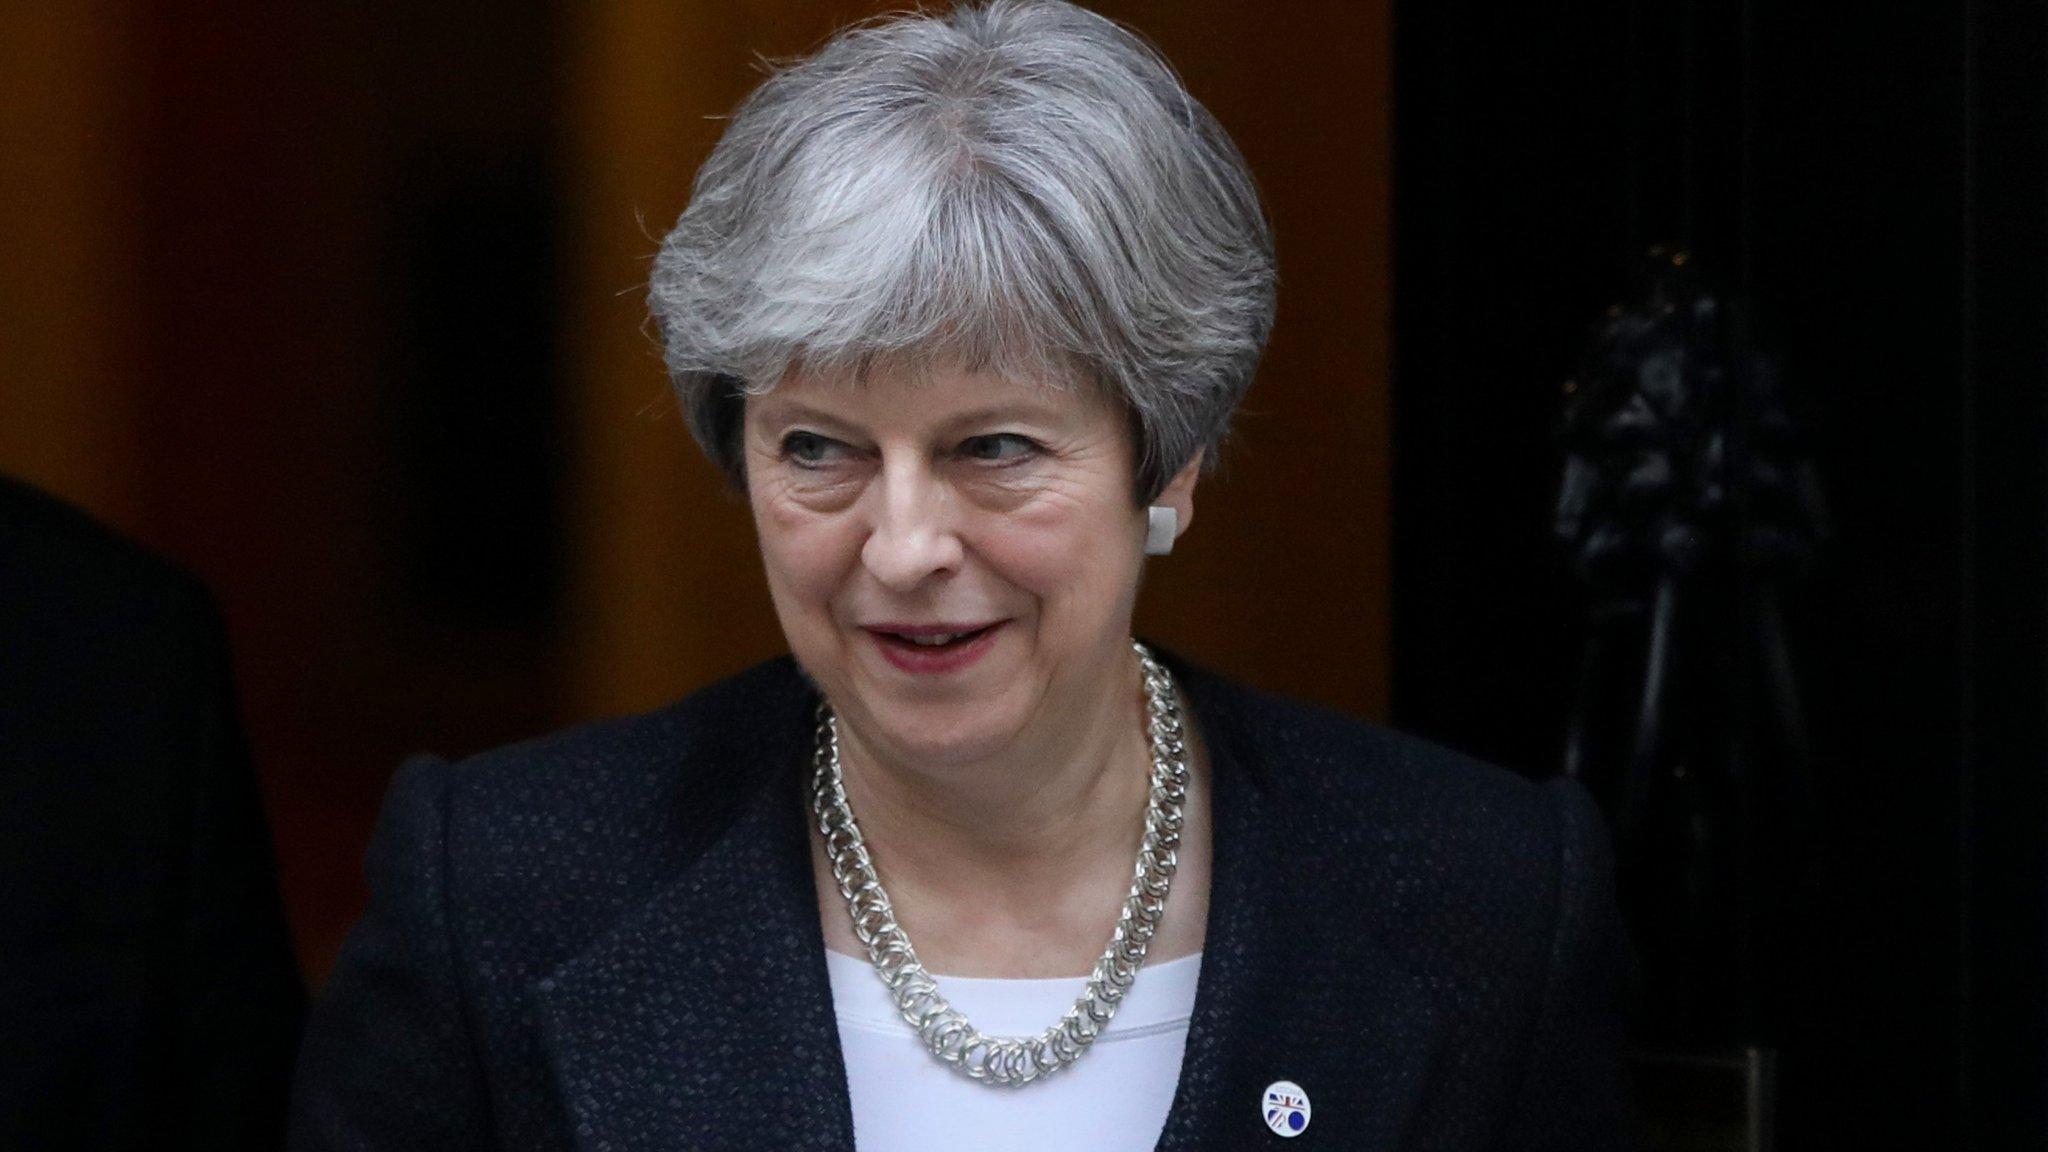 Theresa May warns China to play by global rules